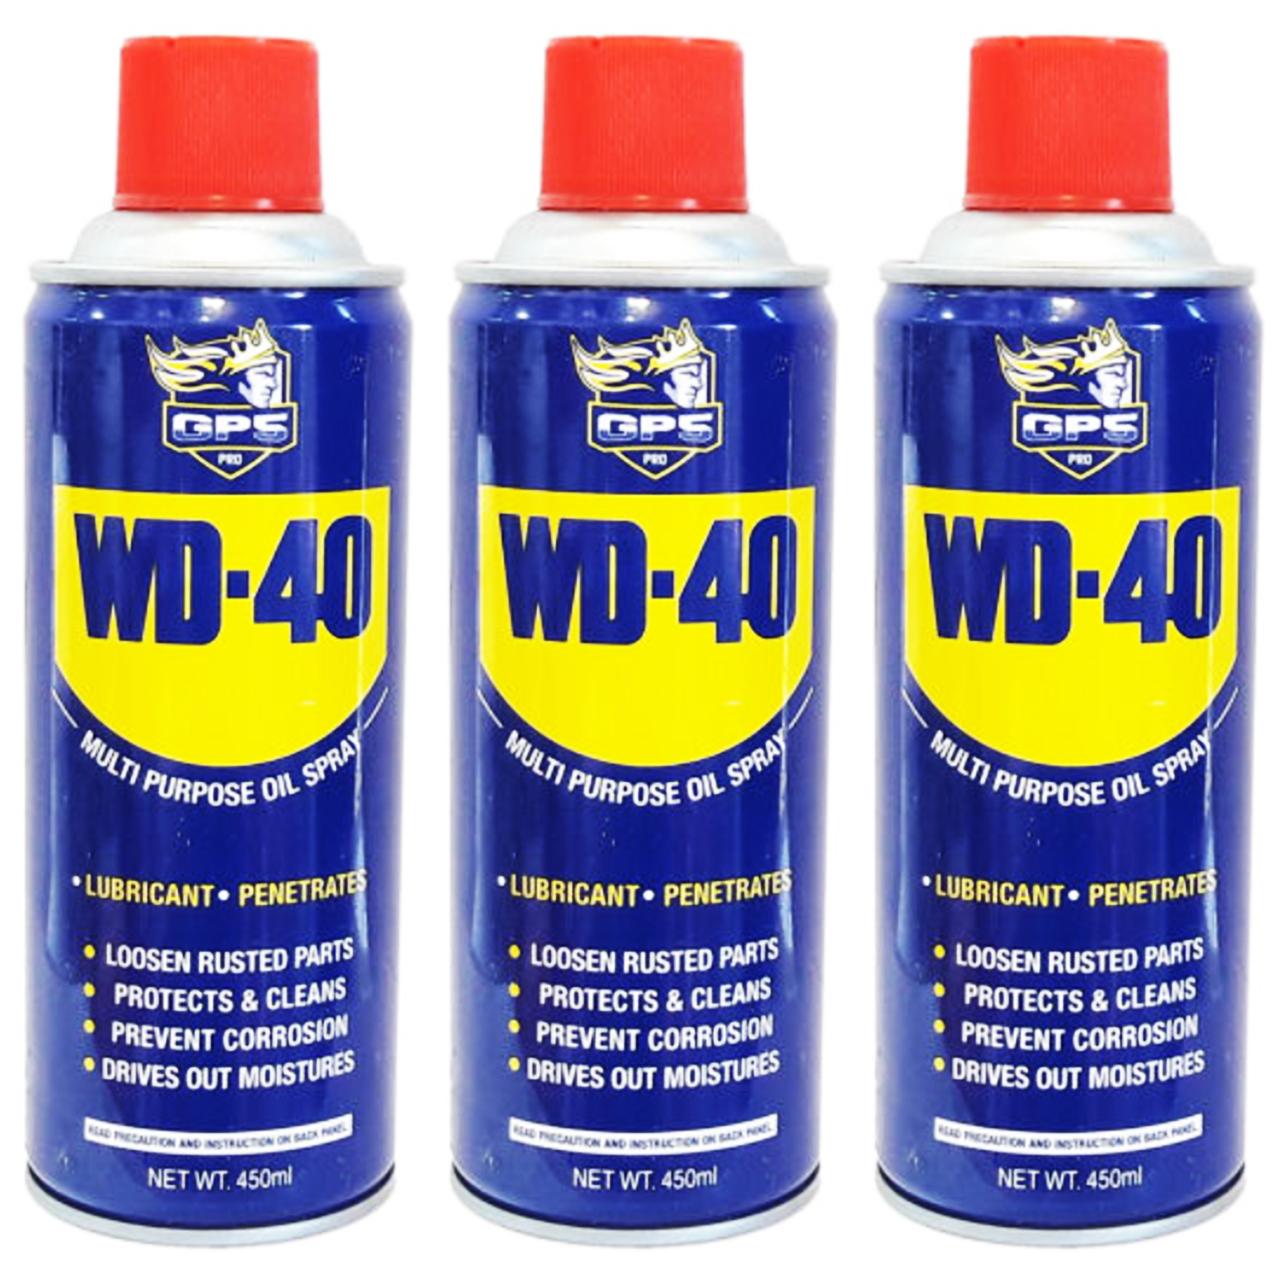 عکس اسپری روان کننده و زنگ بر جی پی اس گل پخش مدل WD-40 حجم 450 میلی لیتر بسته 3 عددی